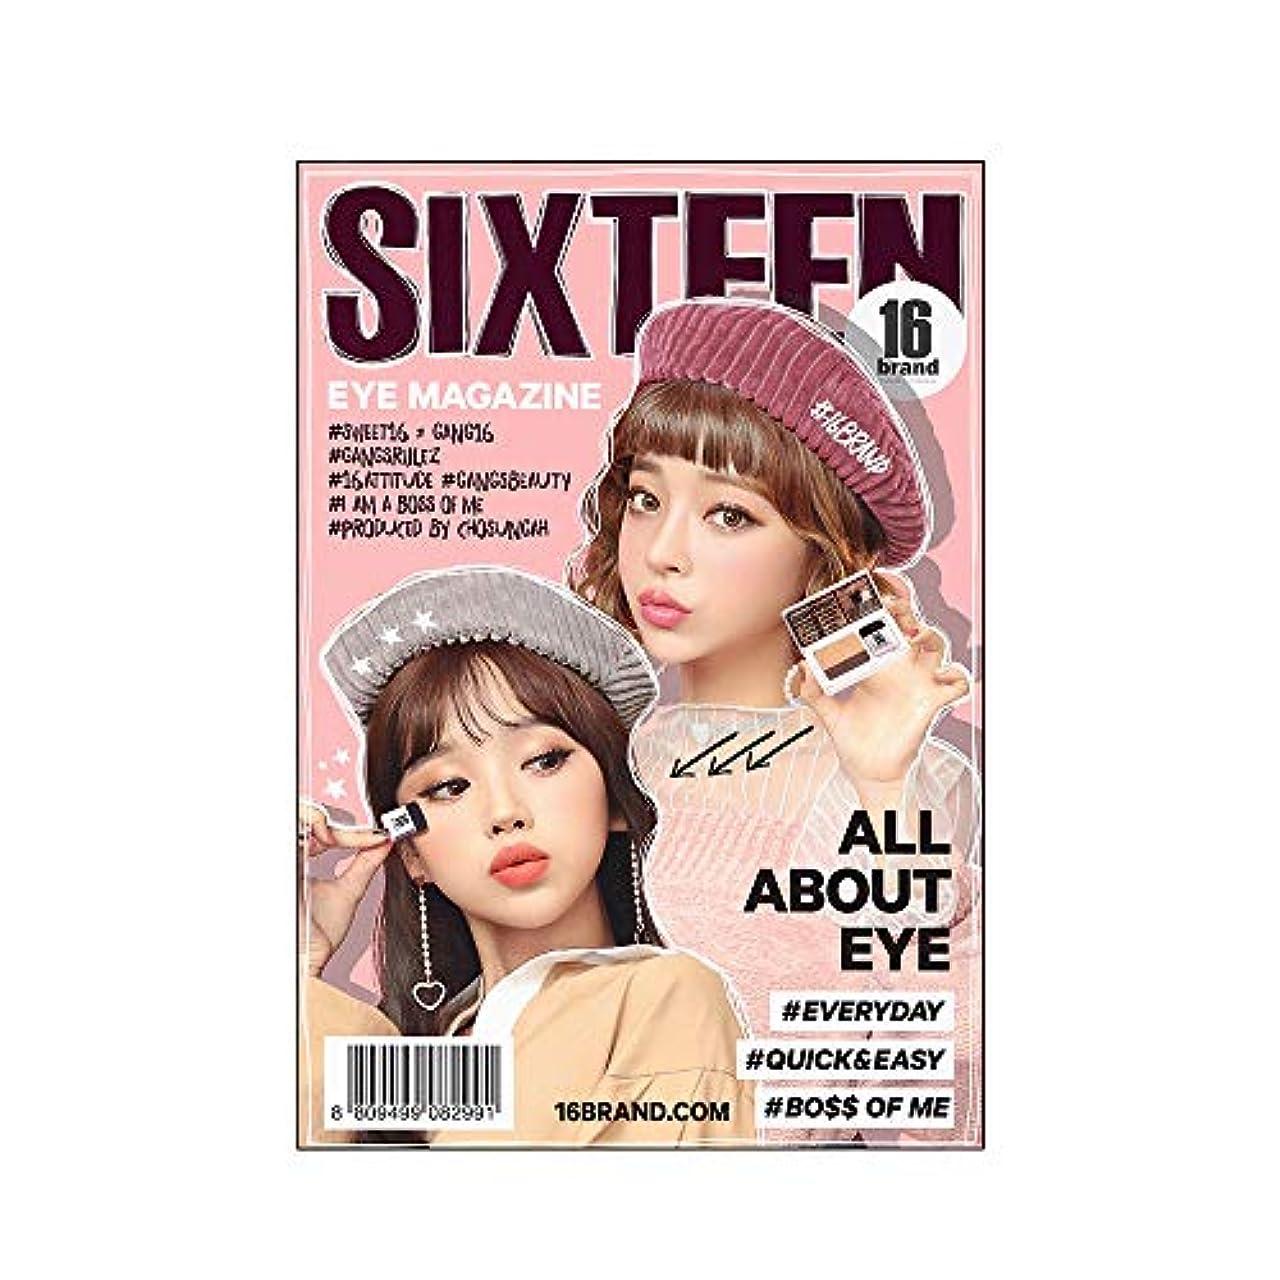 観光に行く医療の注釈を付ける16brand 16 Eye Magazine 2g /16ブランド 16 アイマガジン 2g [国内正規品](エブリディ)